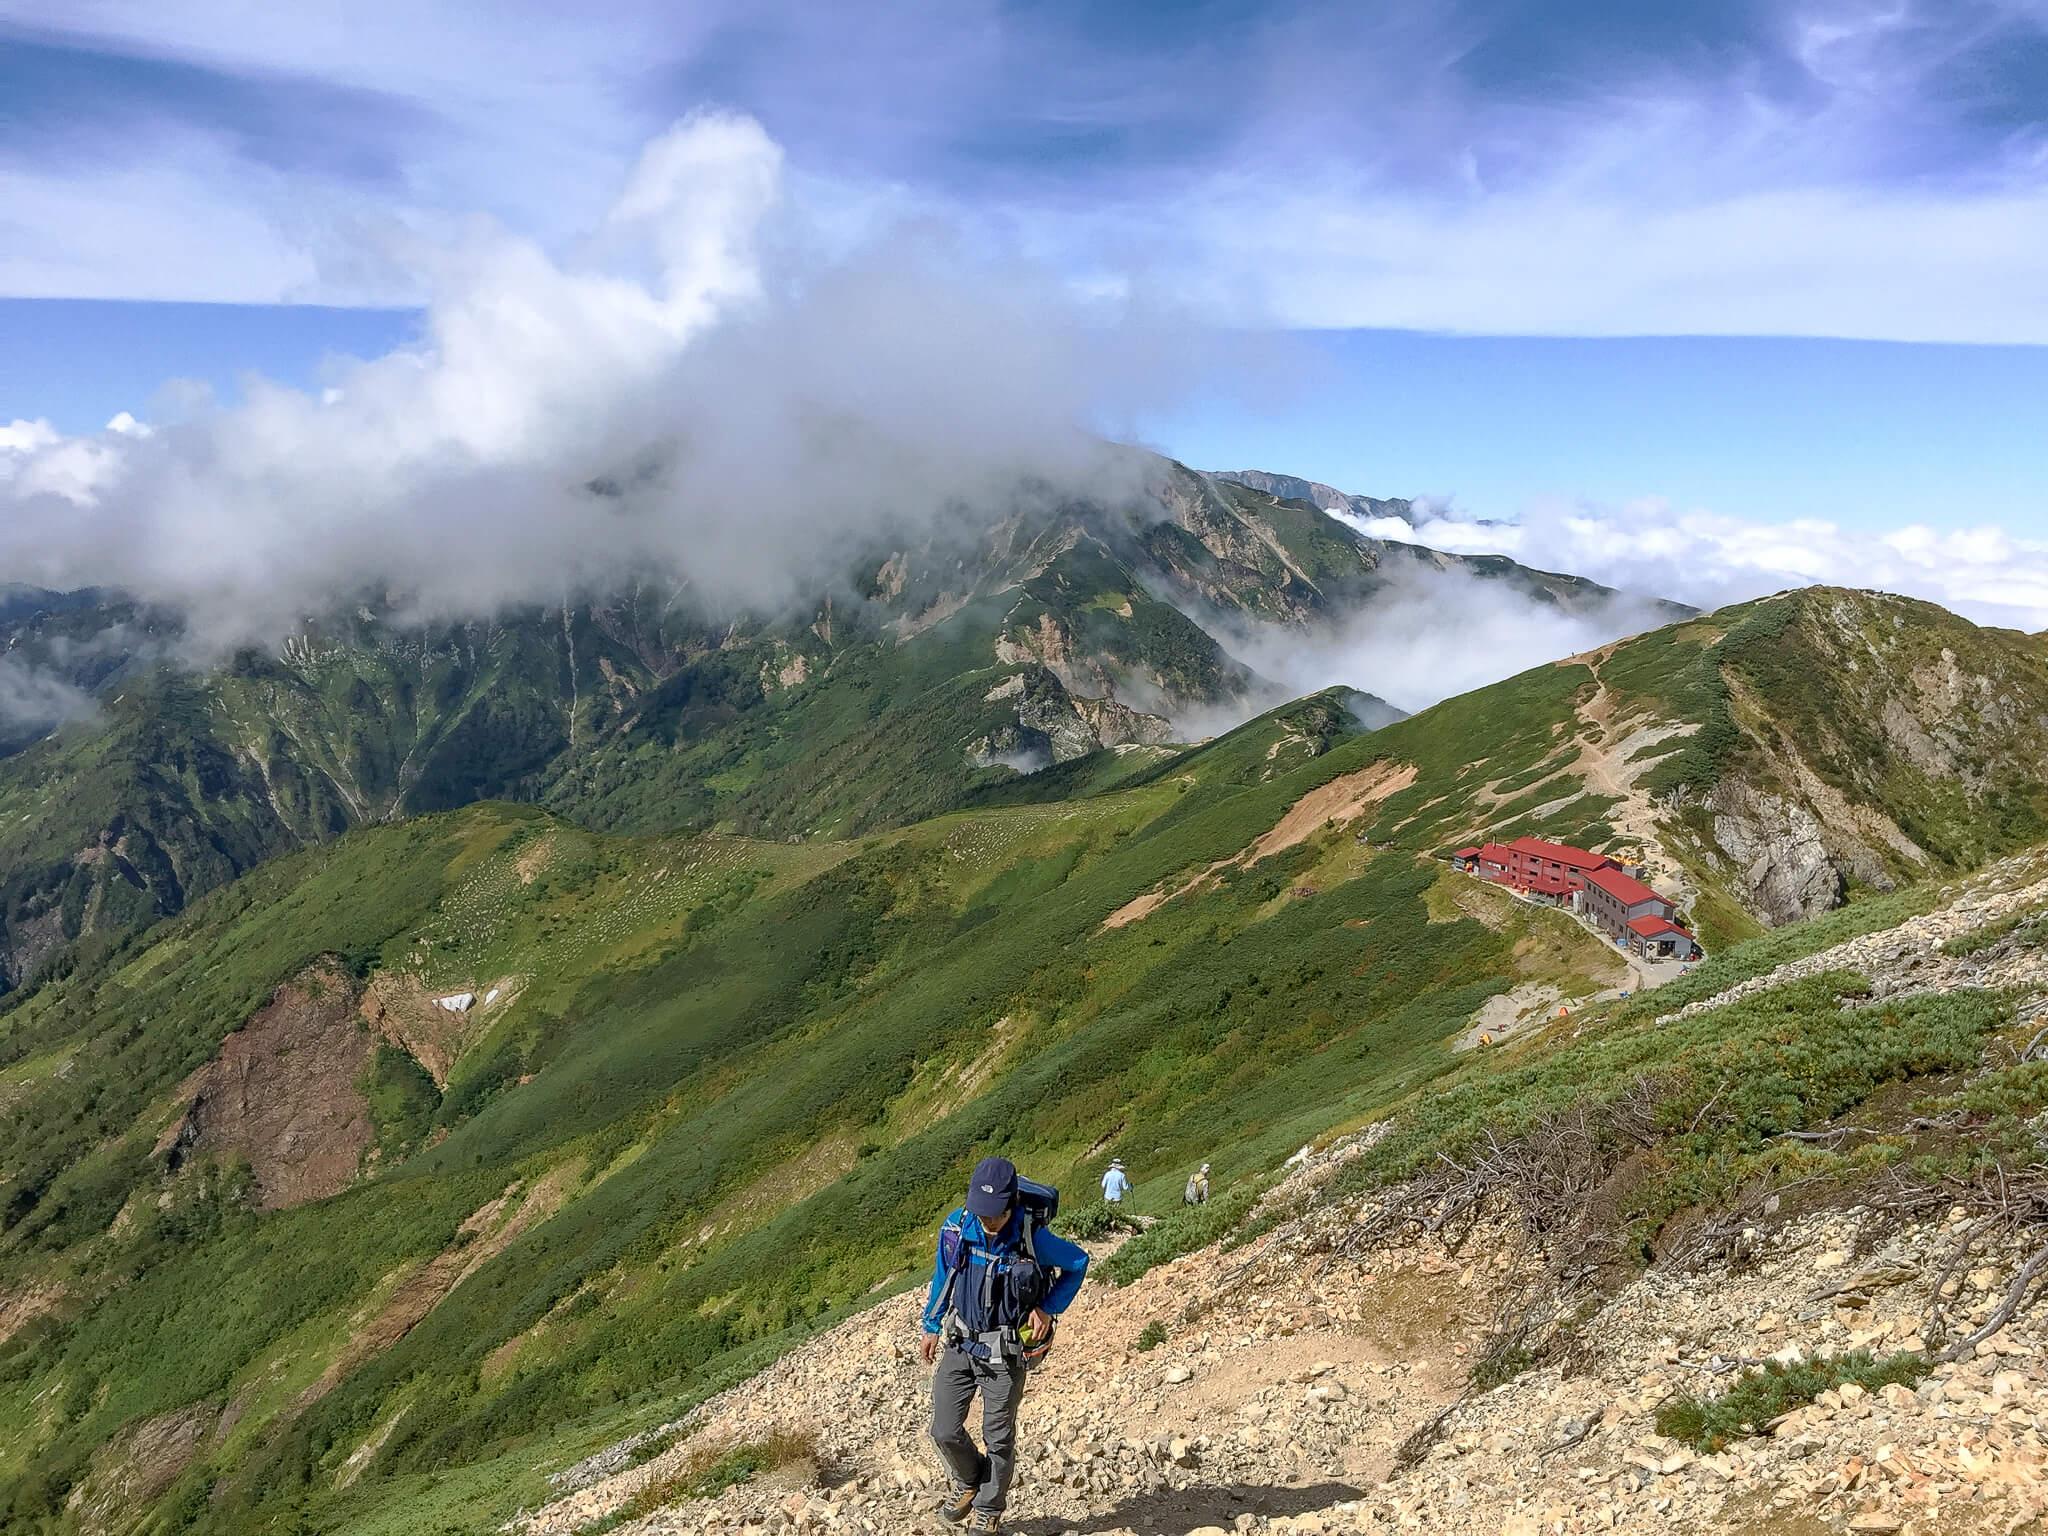 五竜岳から五竜山荘を振り返って